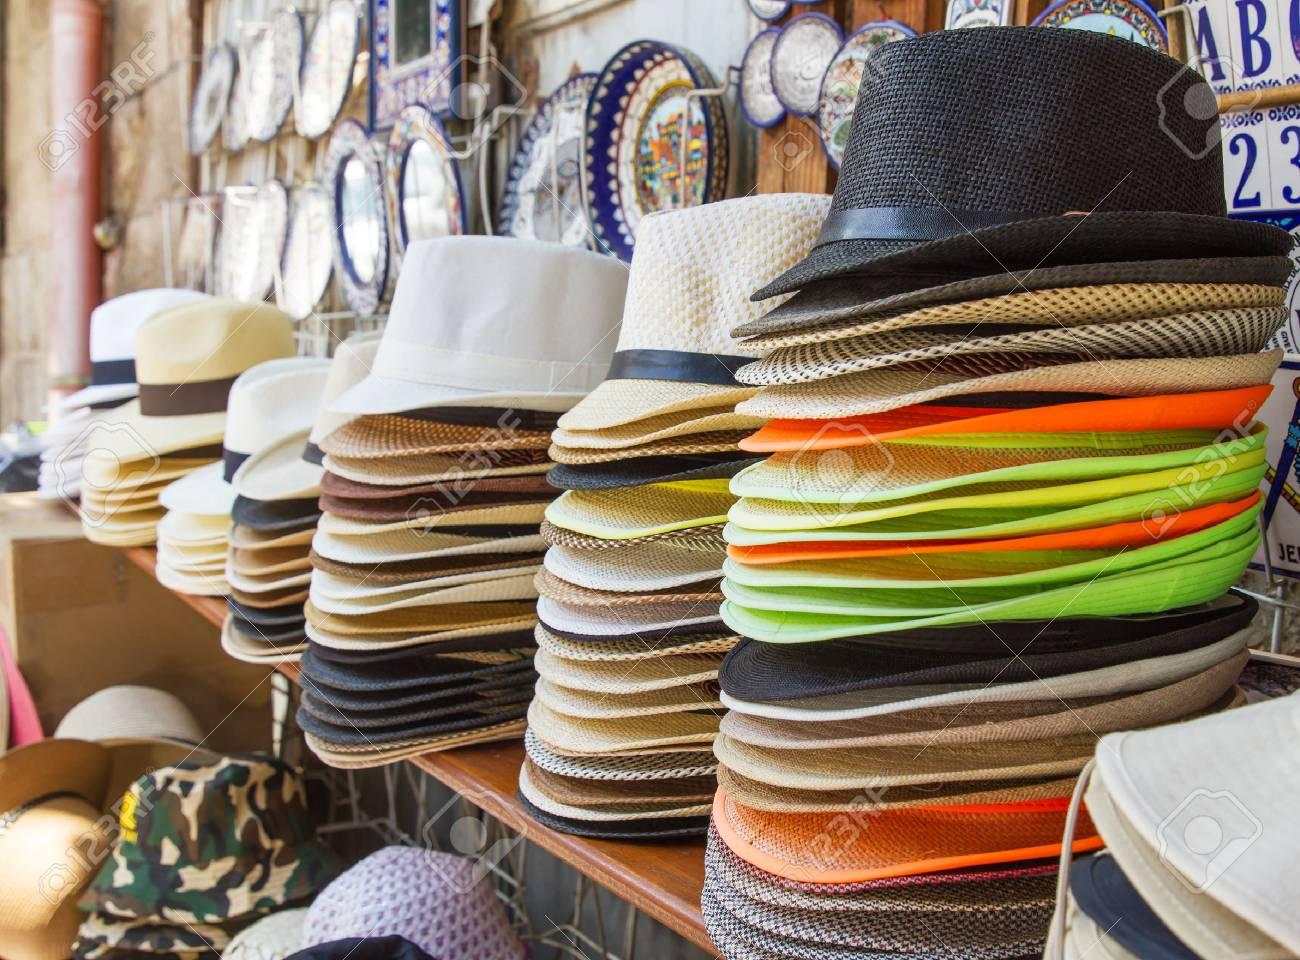 Foto de archivo - Handmade Sombreros de Panamá para la venta. Sombreros de Panamá  para la venta en un puesto del mercado. 649f4d00890